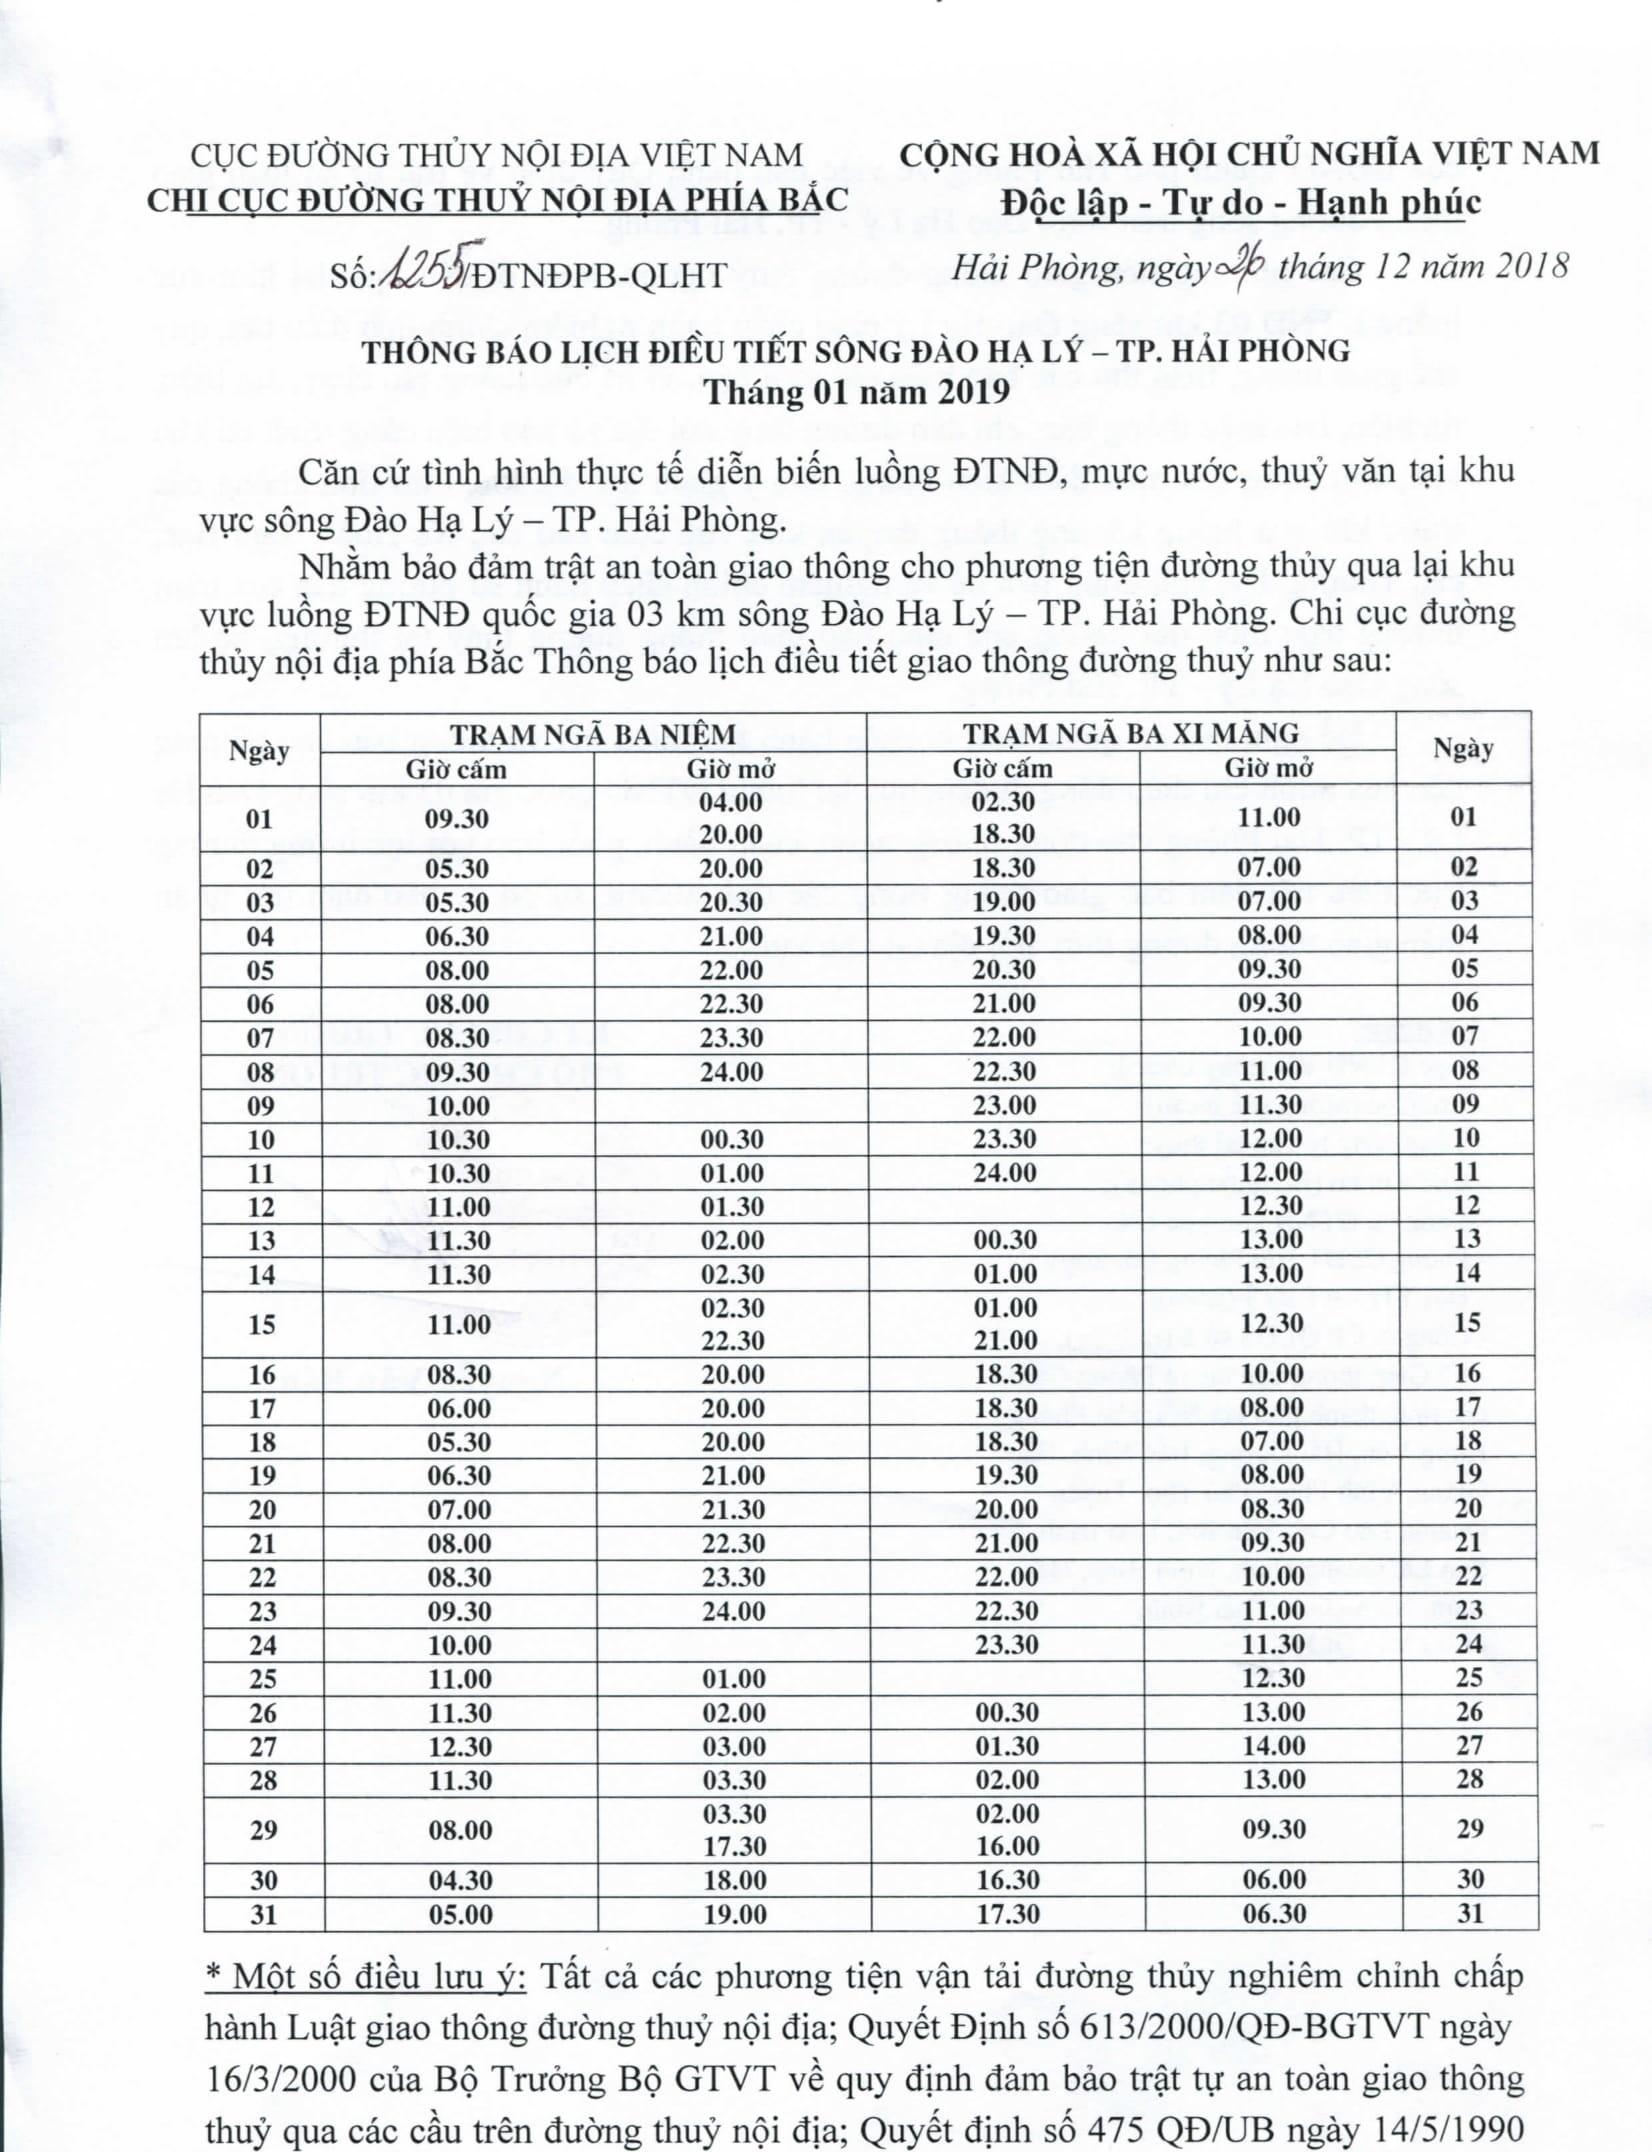 Thông báo lịch điều tiết sông Đào Hạ Lý - TP. Hải Phòng tháng 01/2019